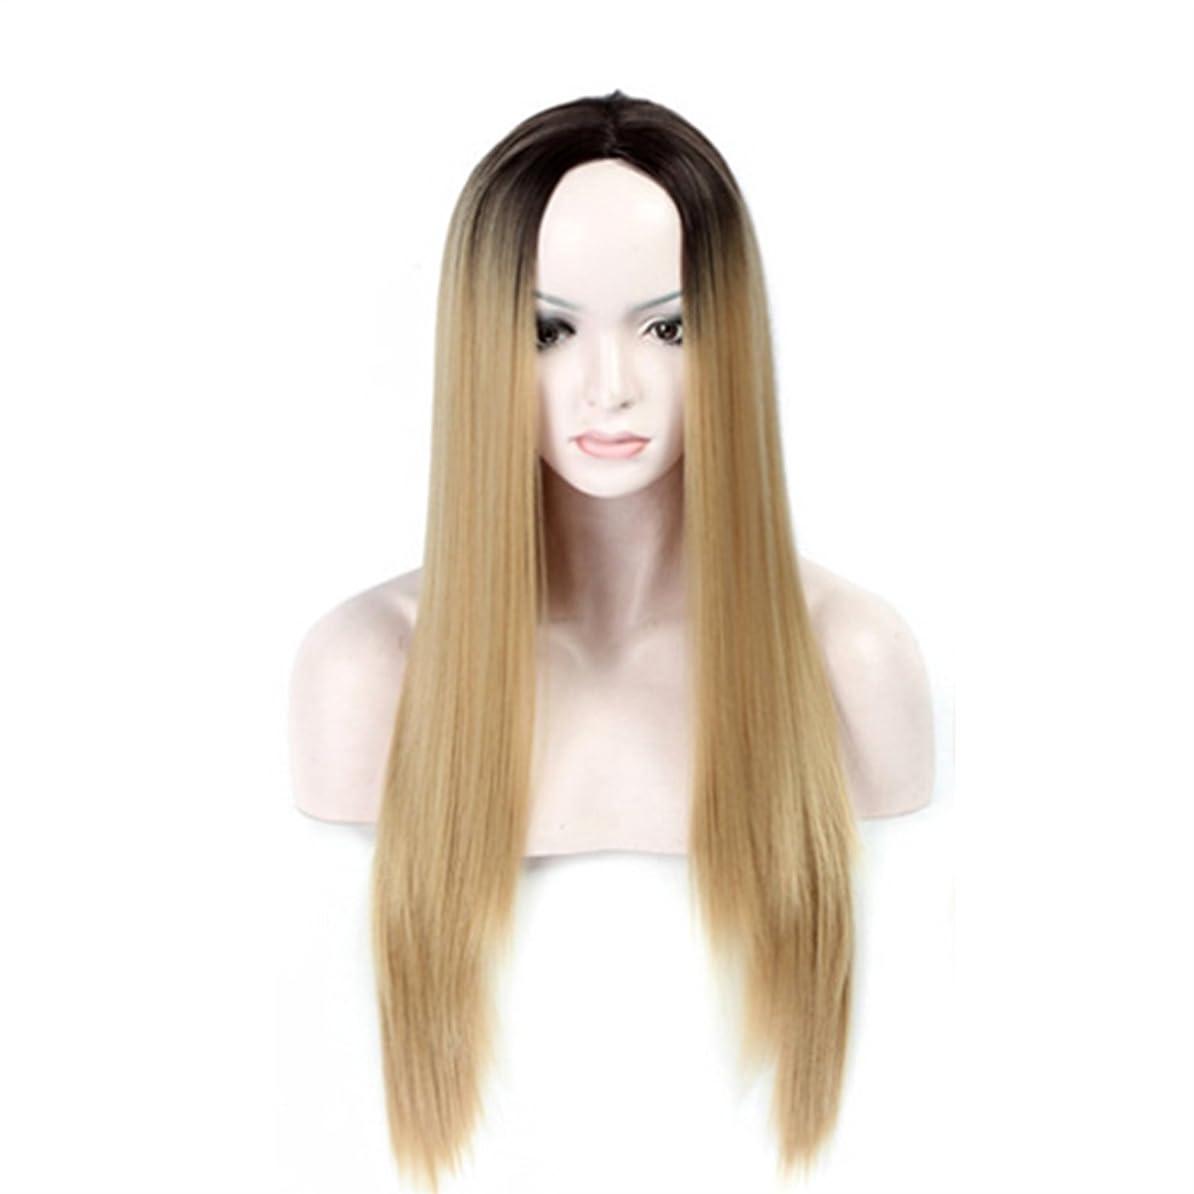 適応的四半期大邸宅BOBIDYEE 68センチメートル長さストレートかつらは女性の合成髪のレースのかつらロールプレイングかつらの正方形の形状を変更するために使用できるライトブラウンの髪です。 (色 : ゴールド)